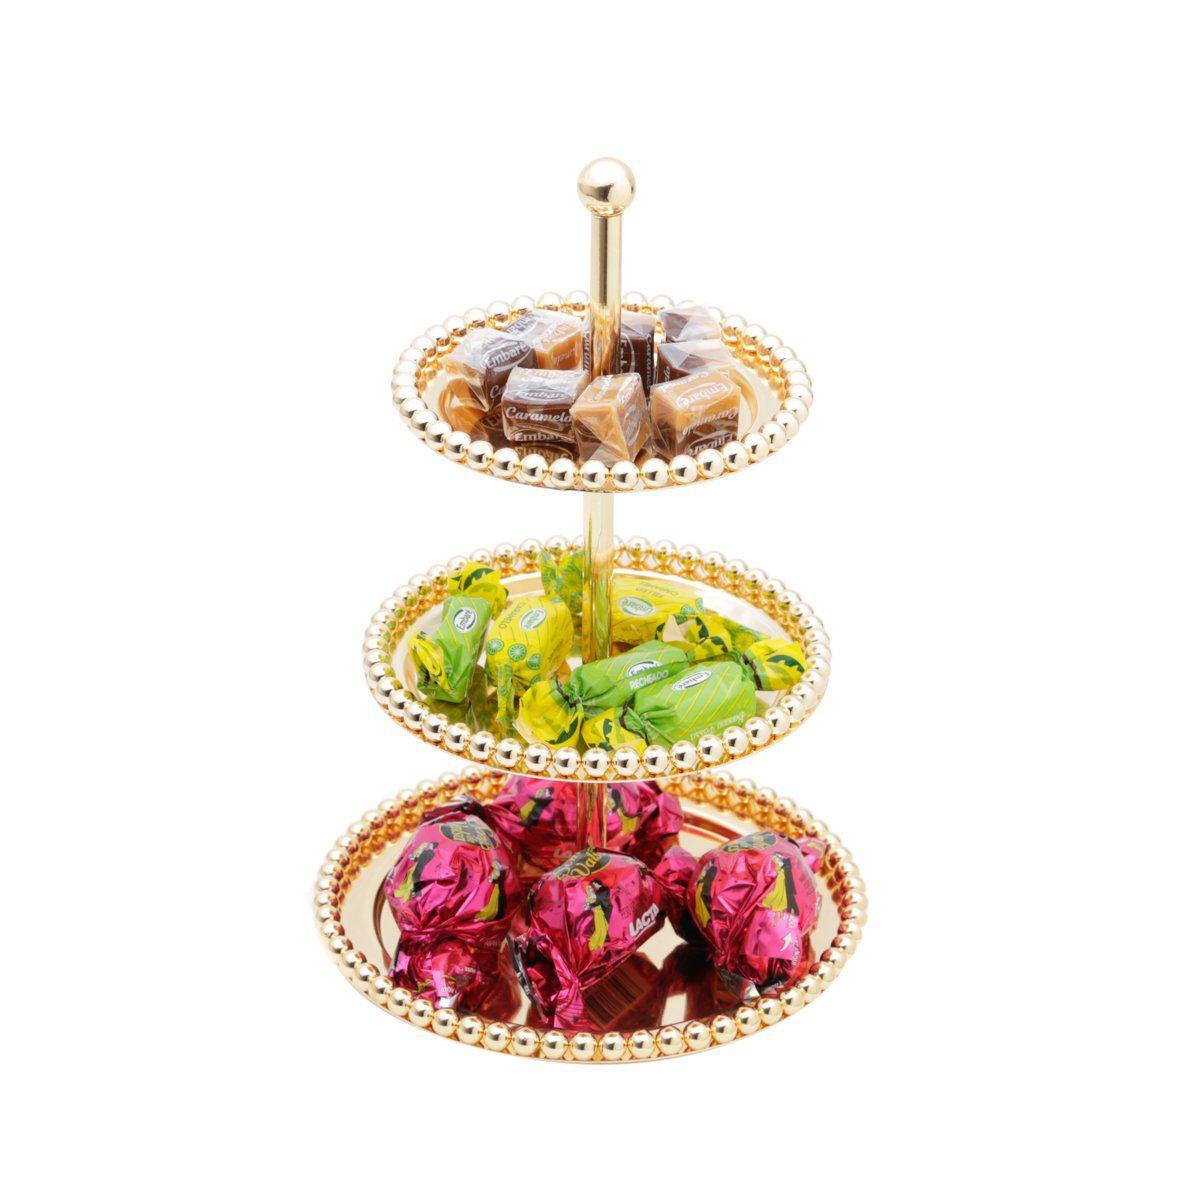 Prato triplo 24,5 cm para doces de zamac dourado com suporte de metal Balls Lyor - L3818